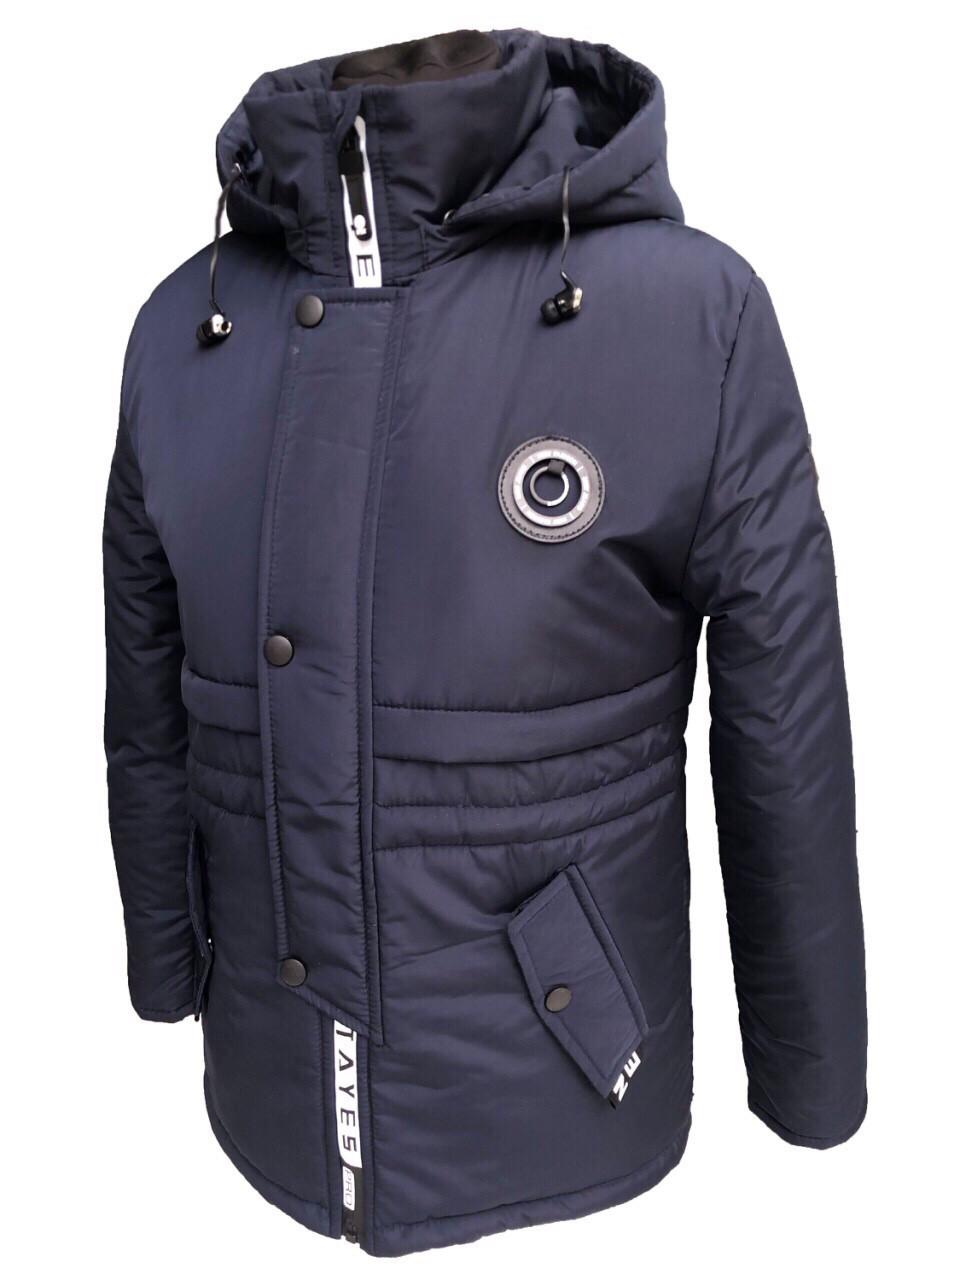 Куртка-парка с наушниками для мальчика подростка 135-169 рост